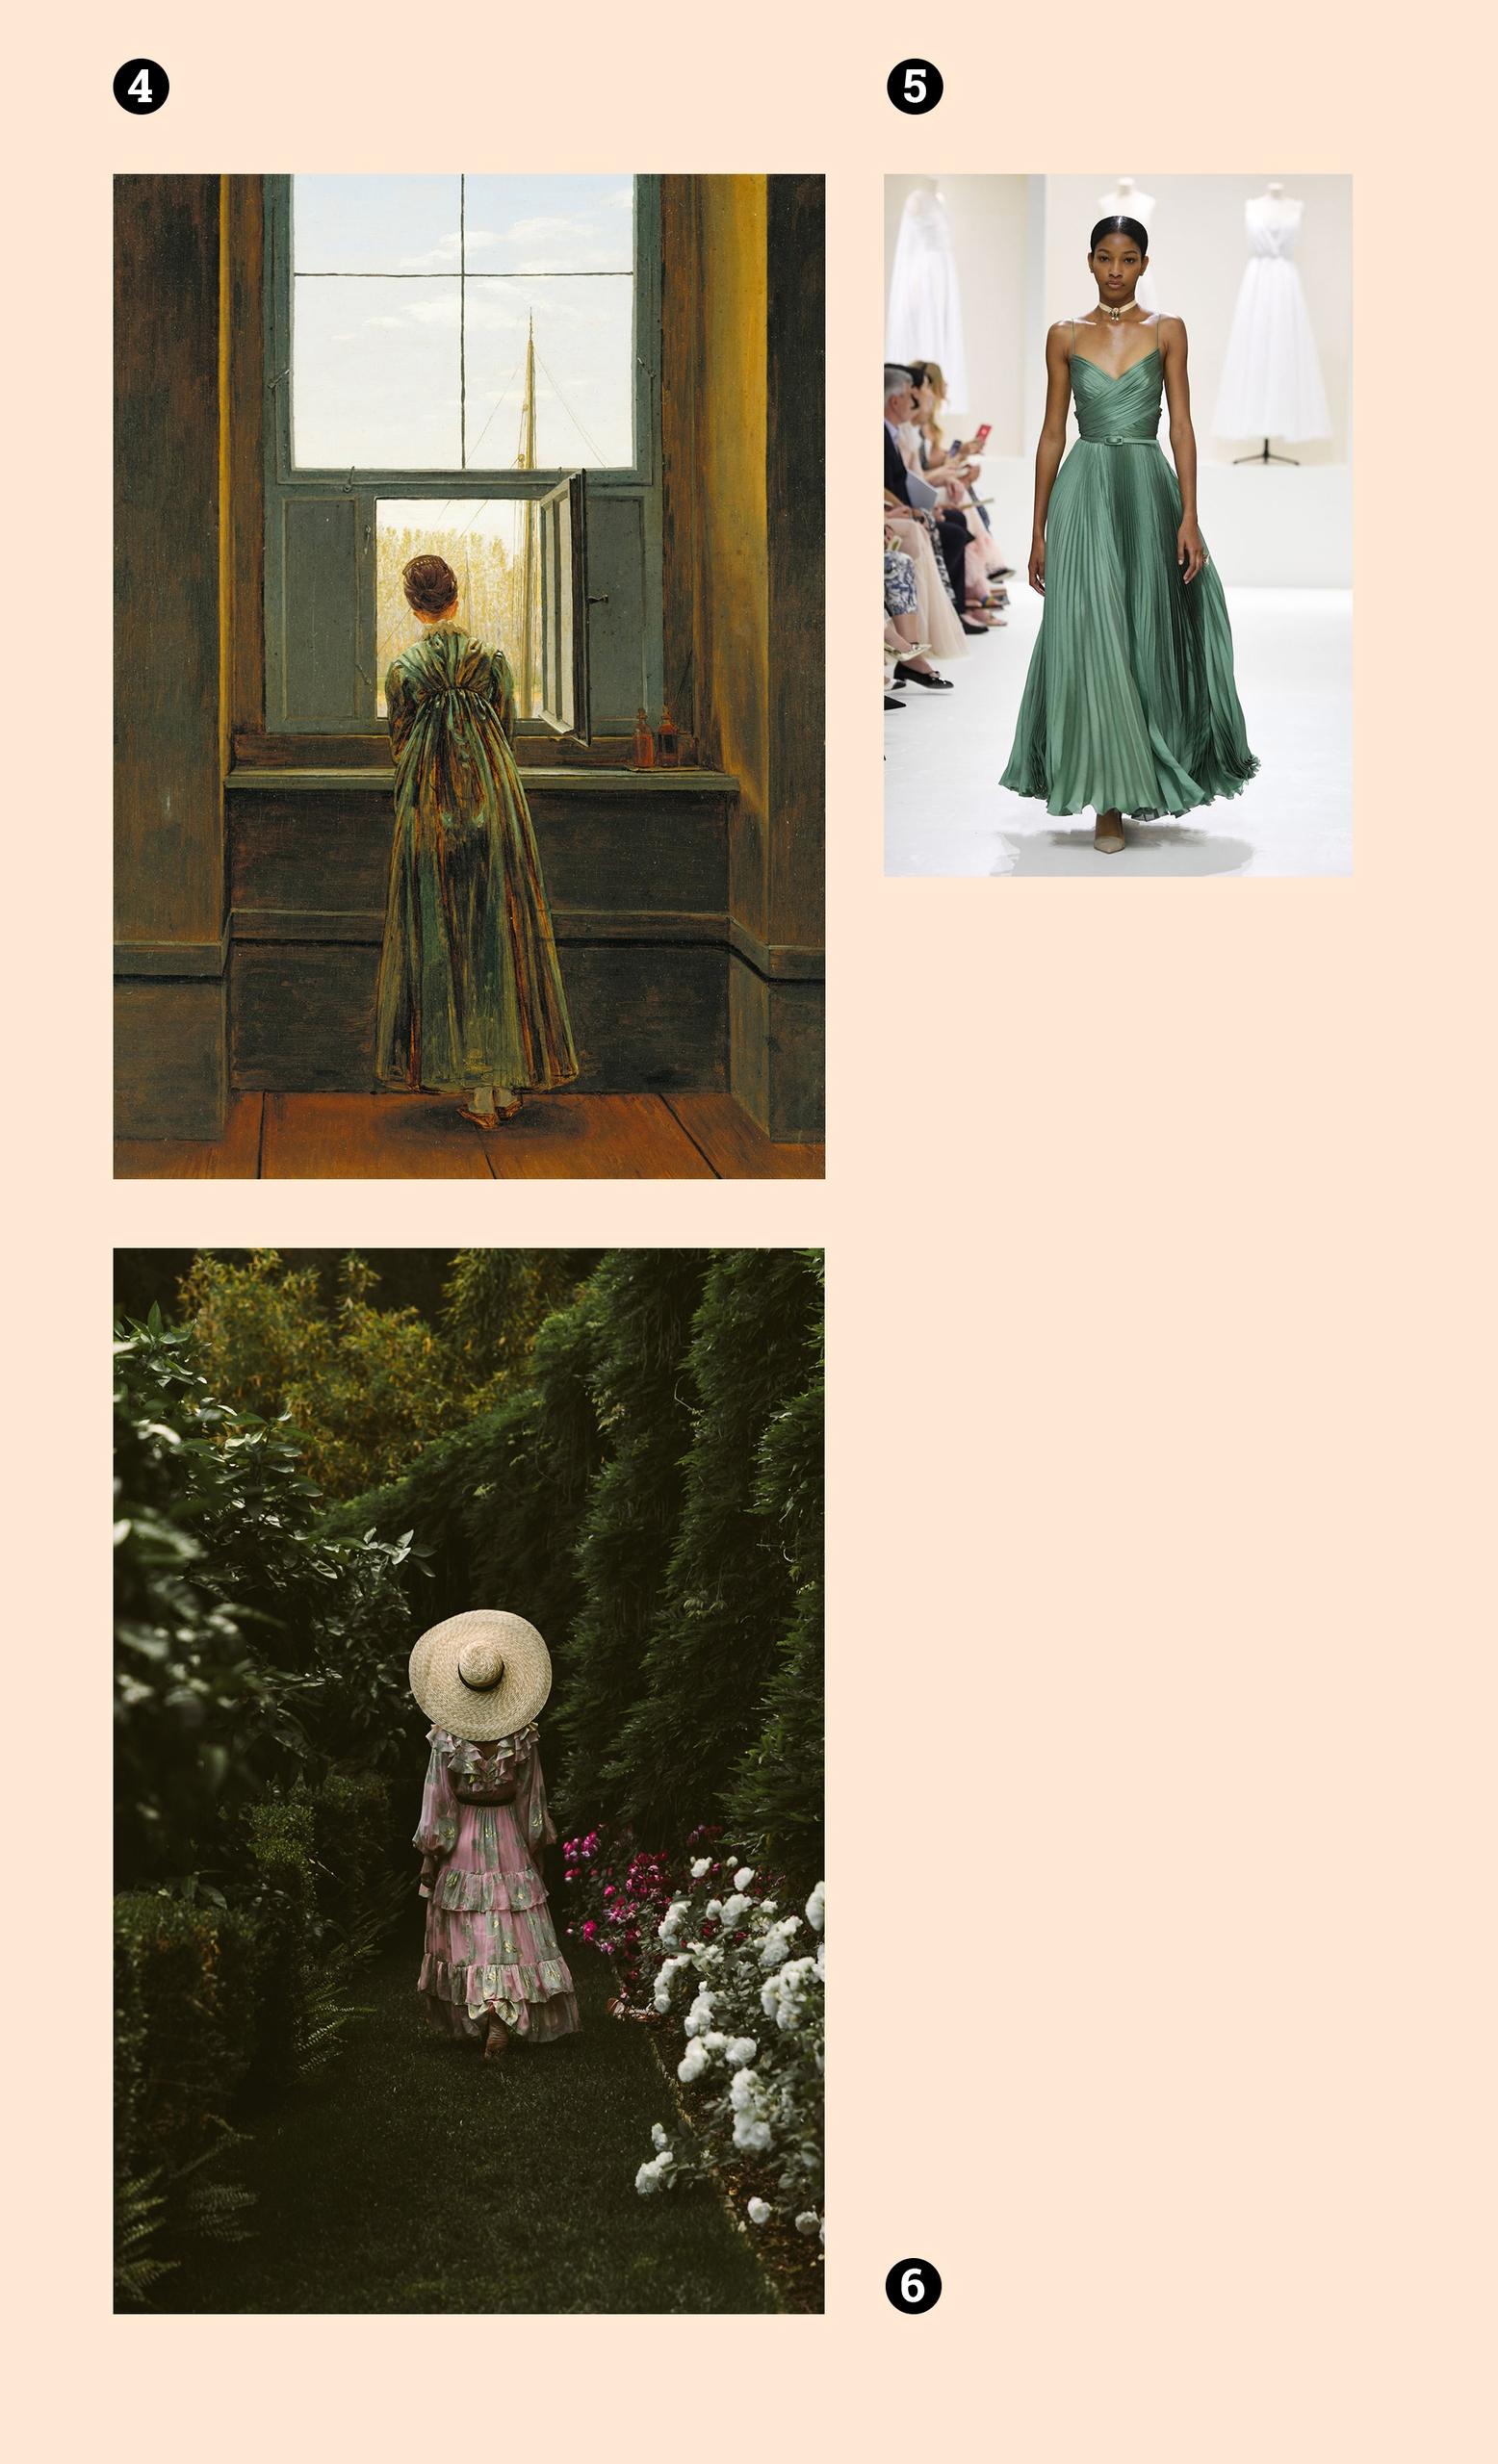 Obraz przedstawia dwie fotografie kobiecej sylwetki, oraz jeden obraz znanego artysty. Całość na jasno-beżowym tle.